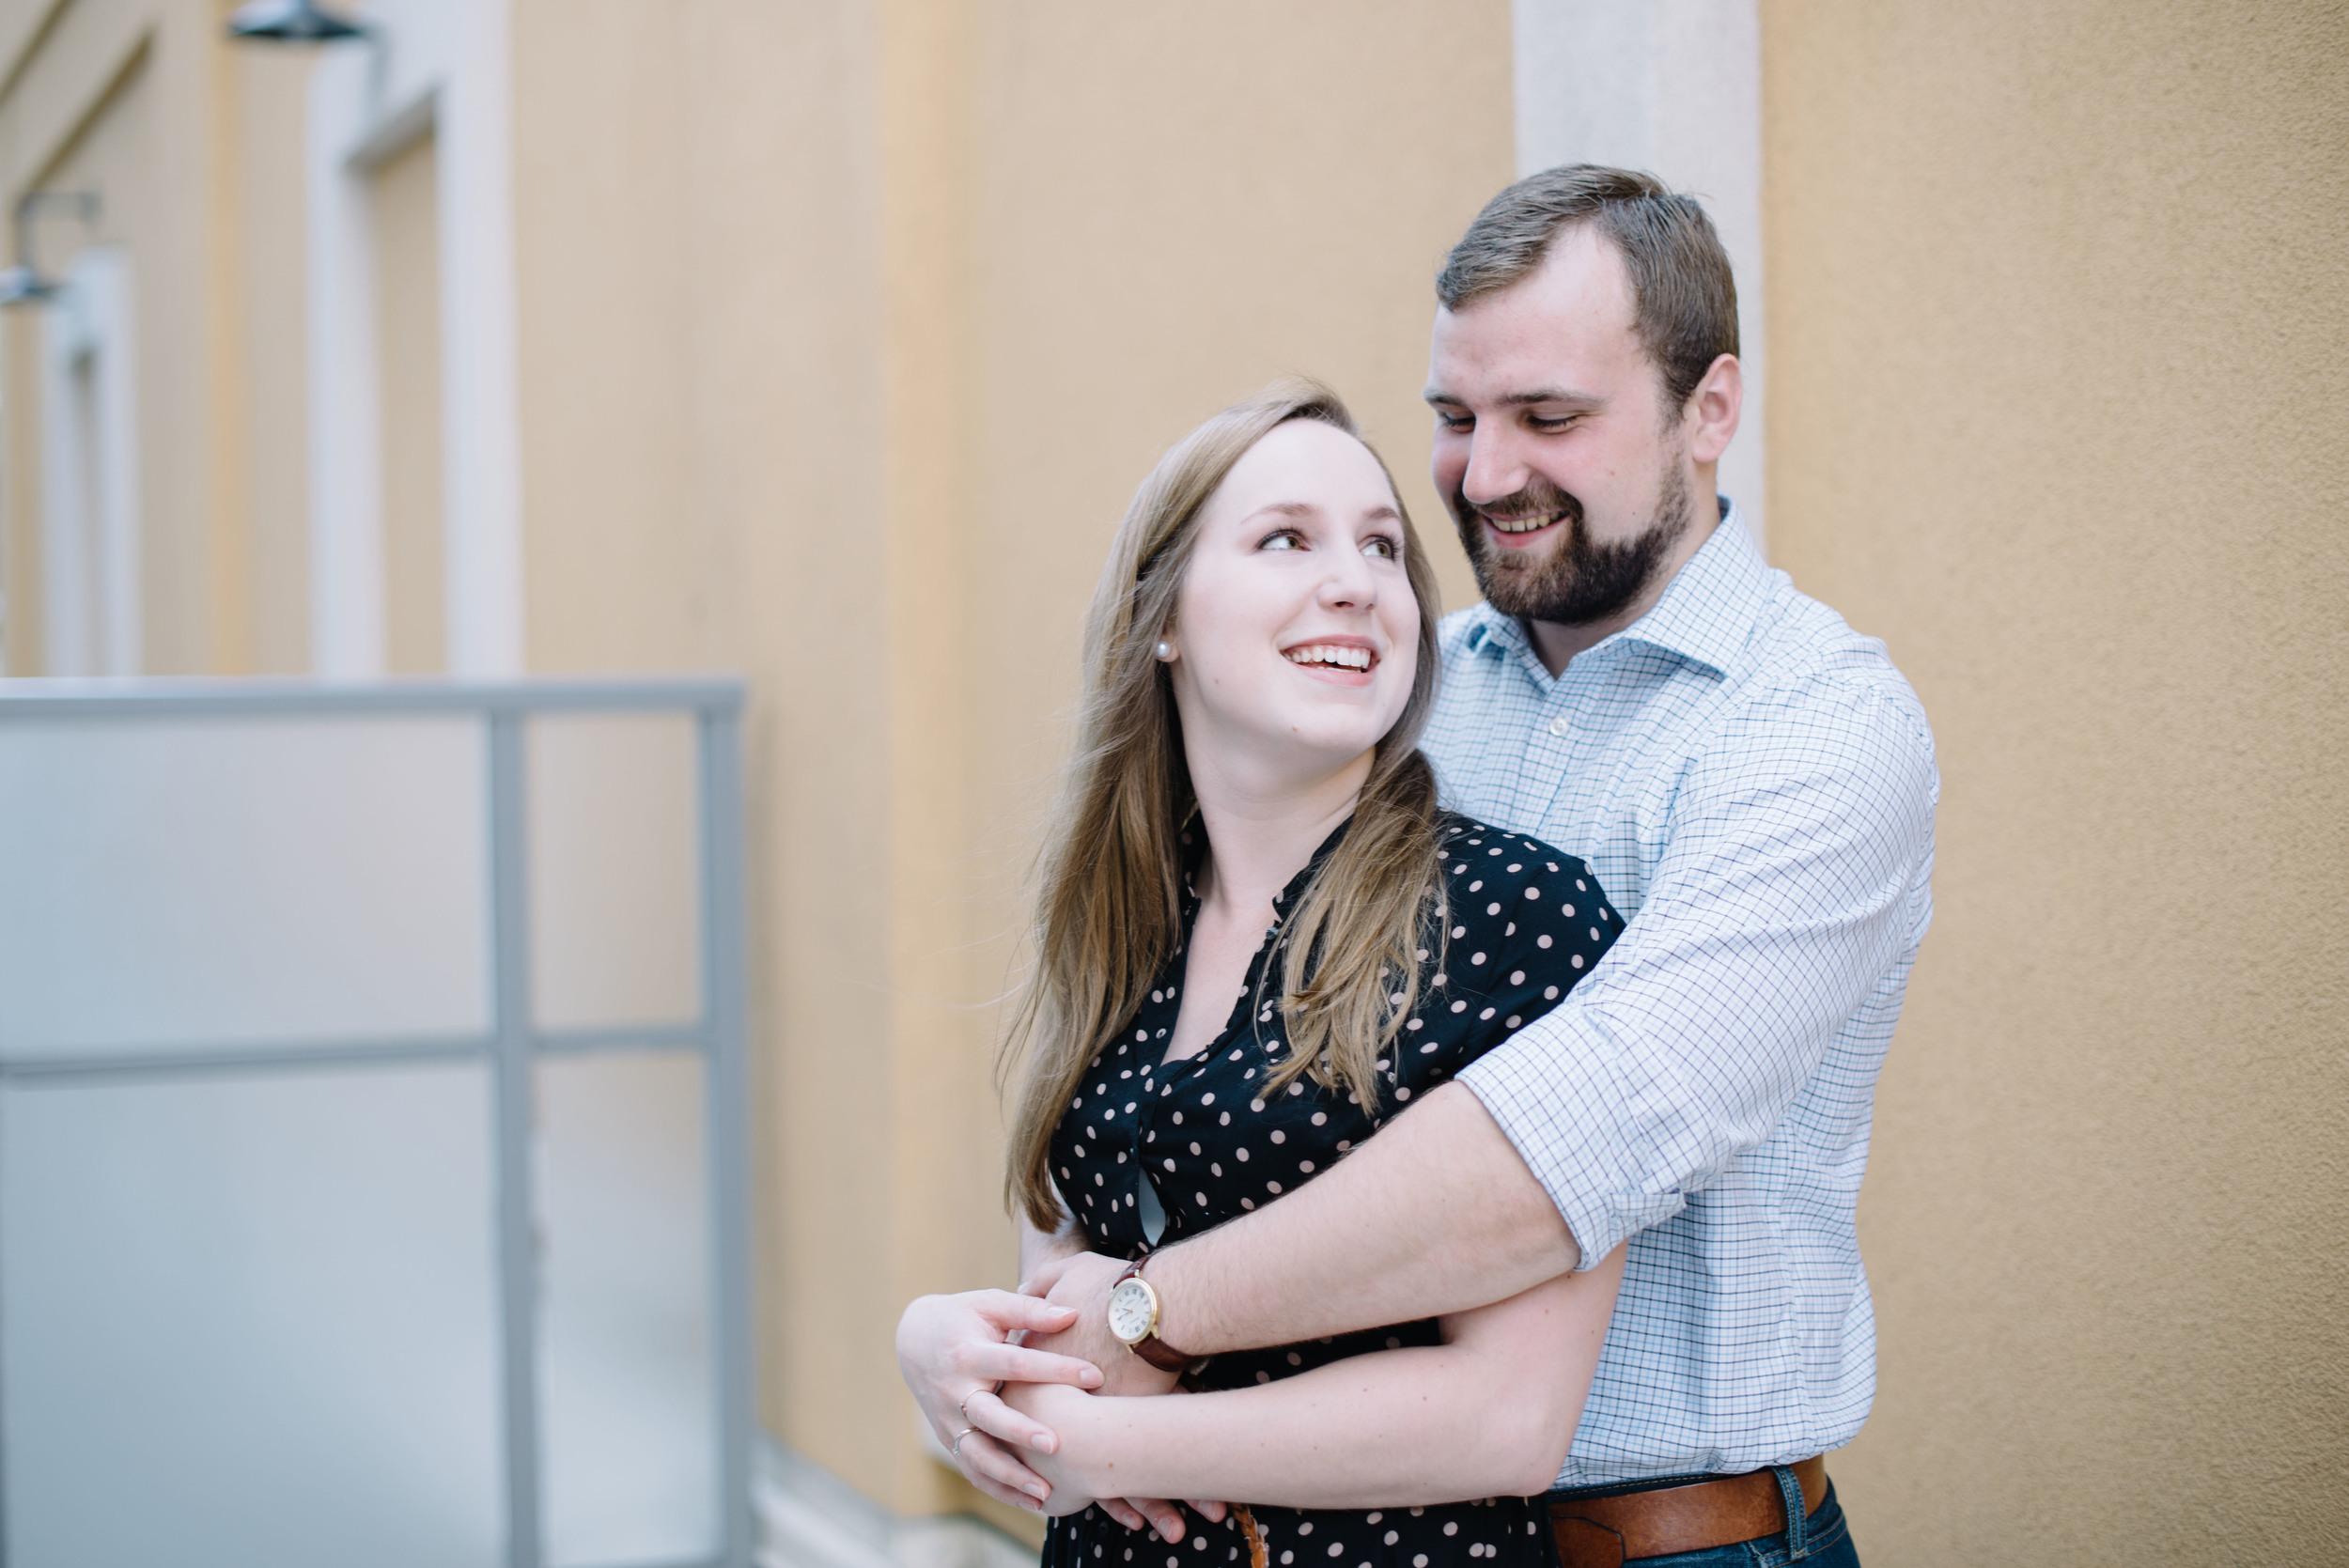 Marisa & Eike_Couples Photography_East Van_Vancouver Photography_Katie Powell Photography_-4.jpg